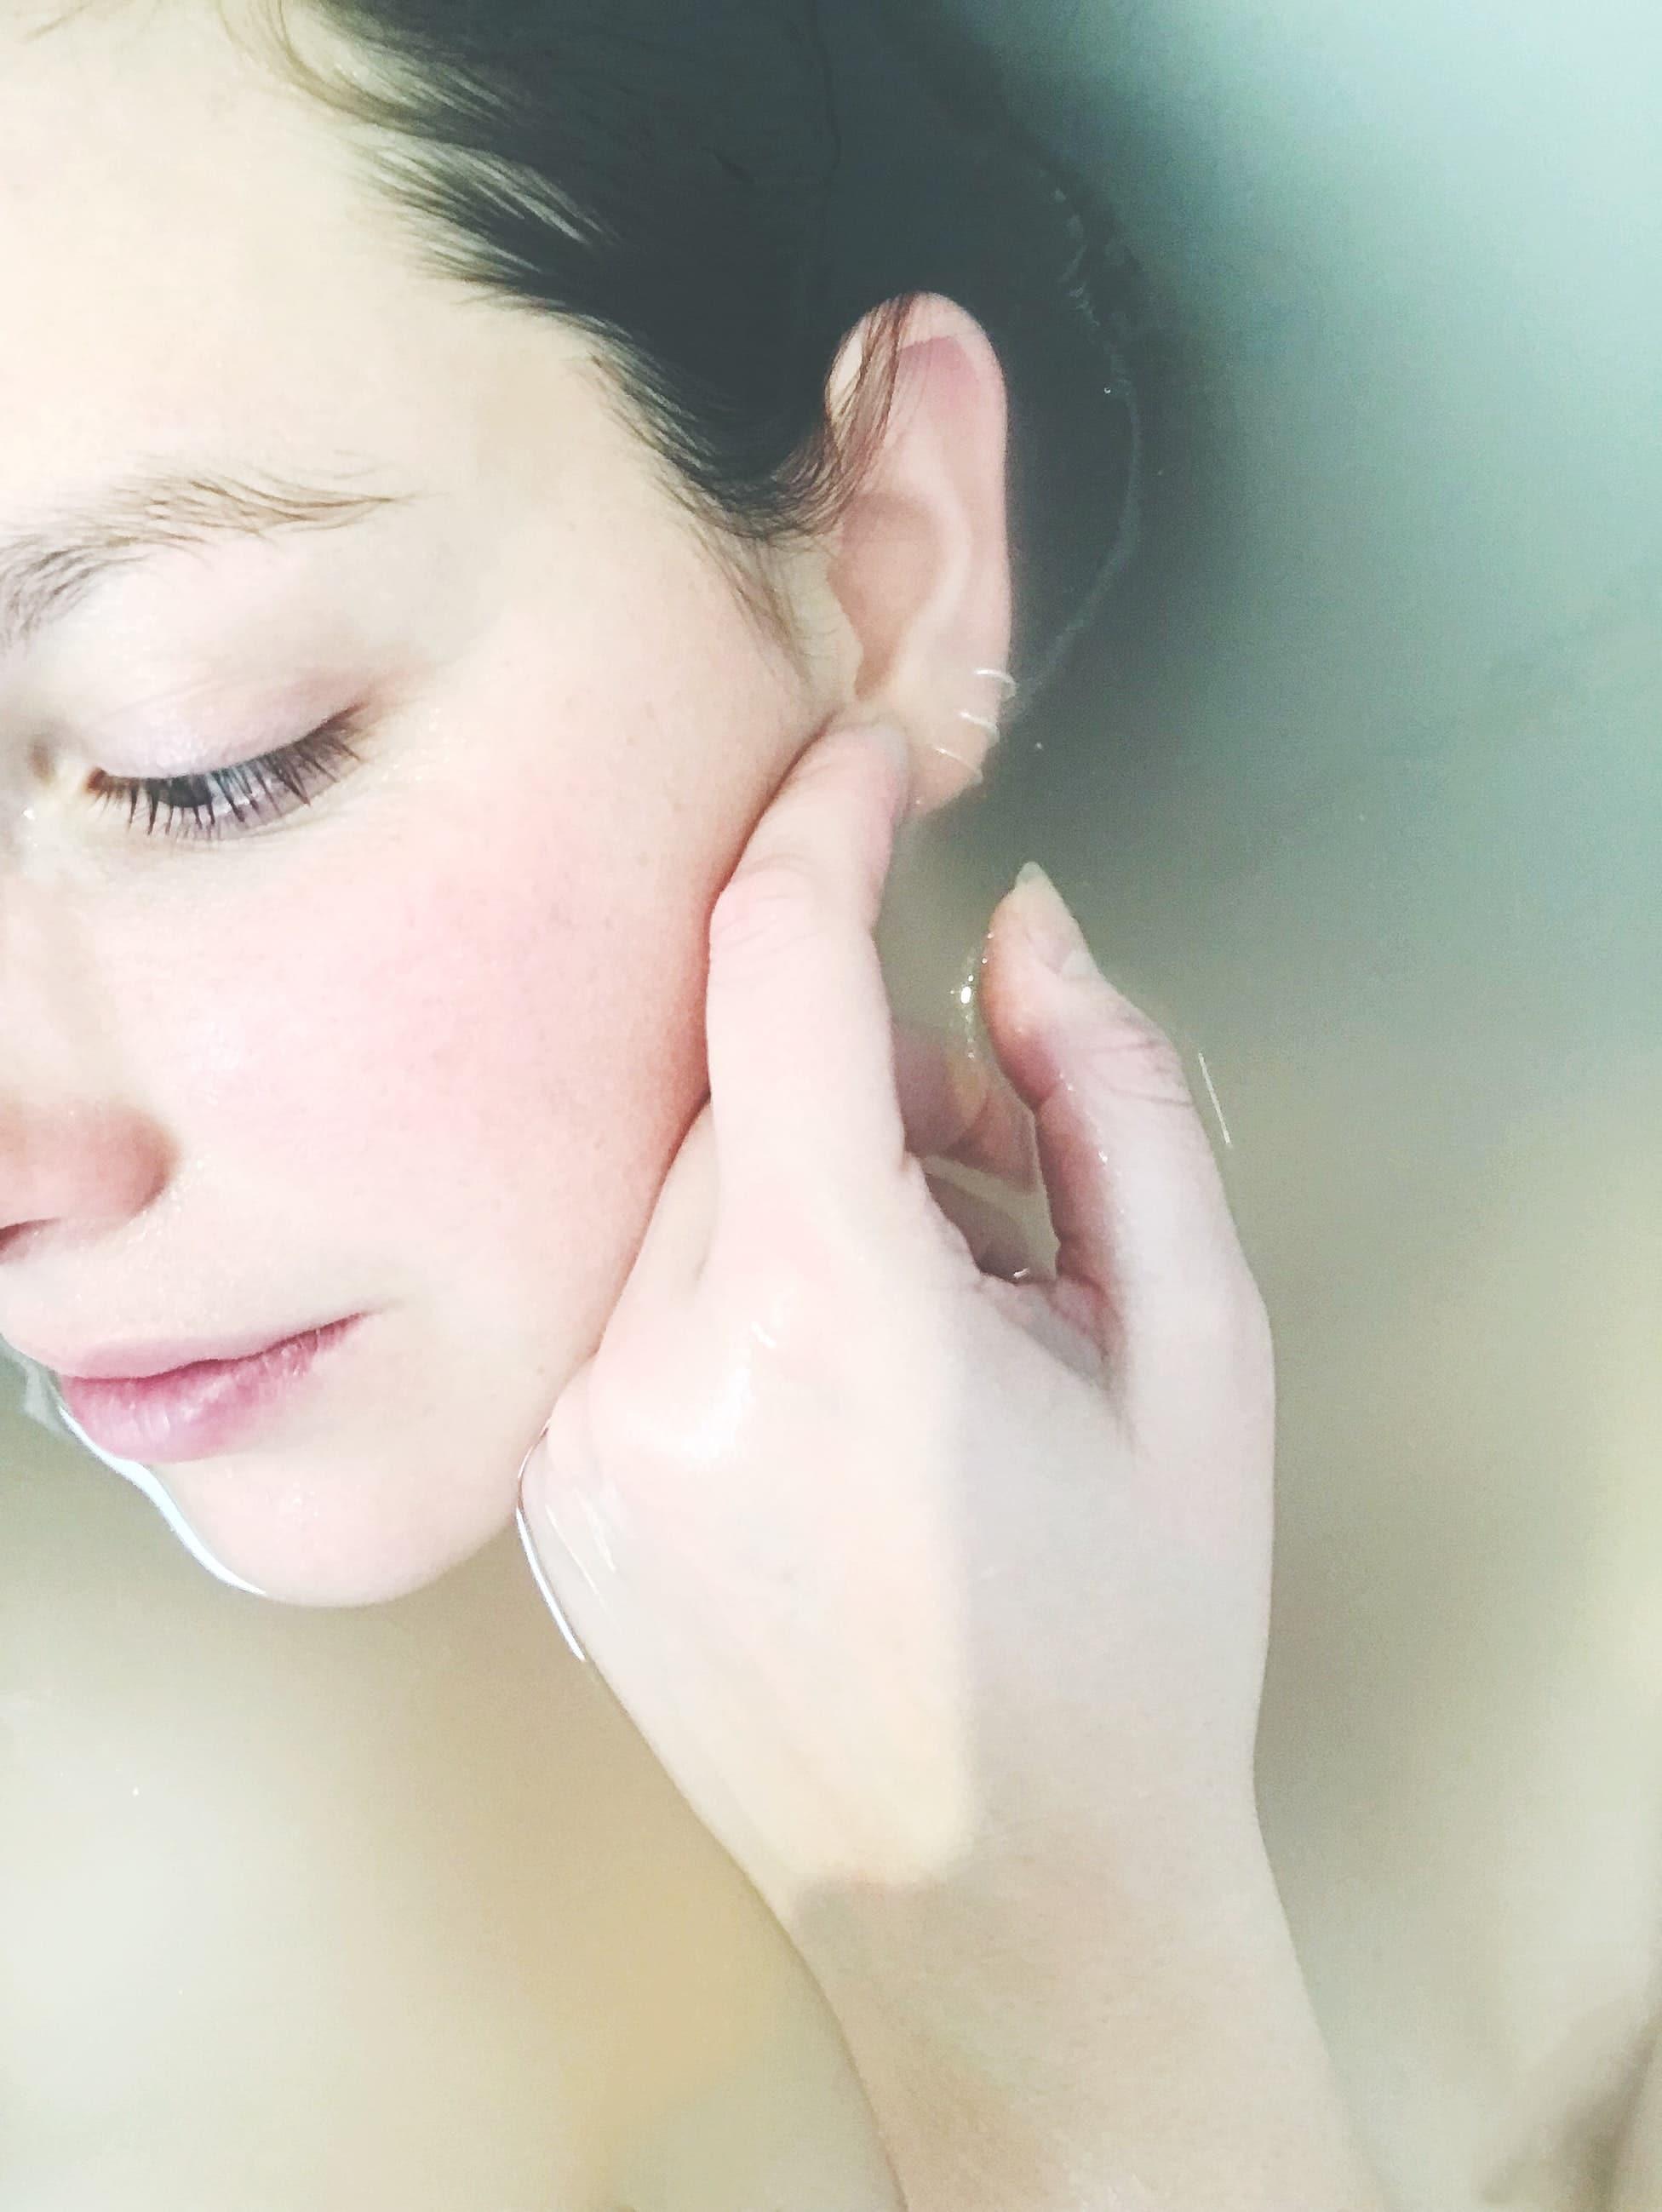 un bain chaud pour soulager les douleurs ovulation